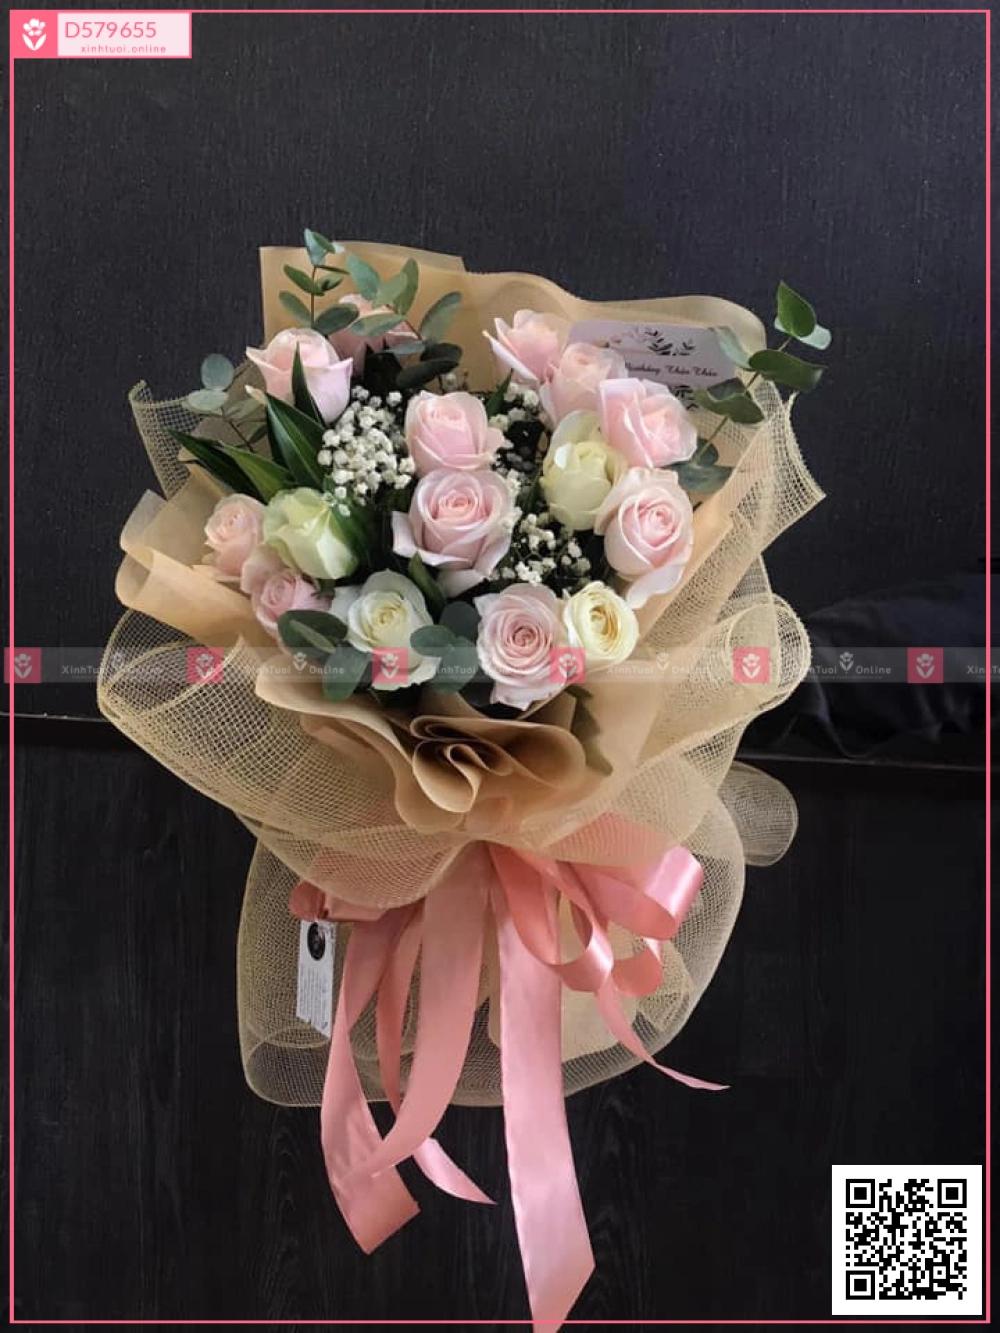 Xinh xắn - D579655 - xinhtuoi.online